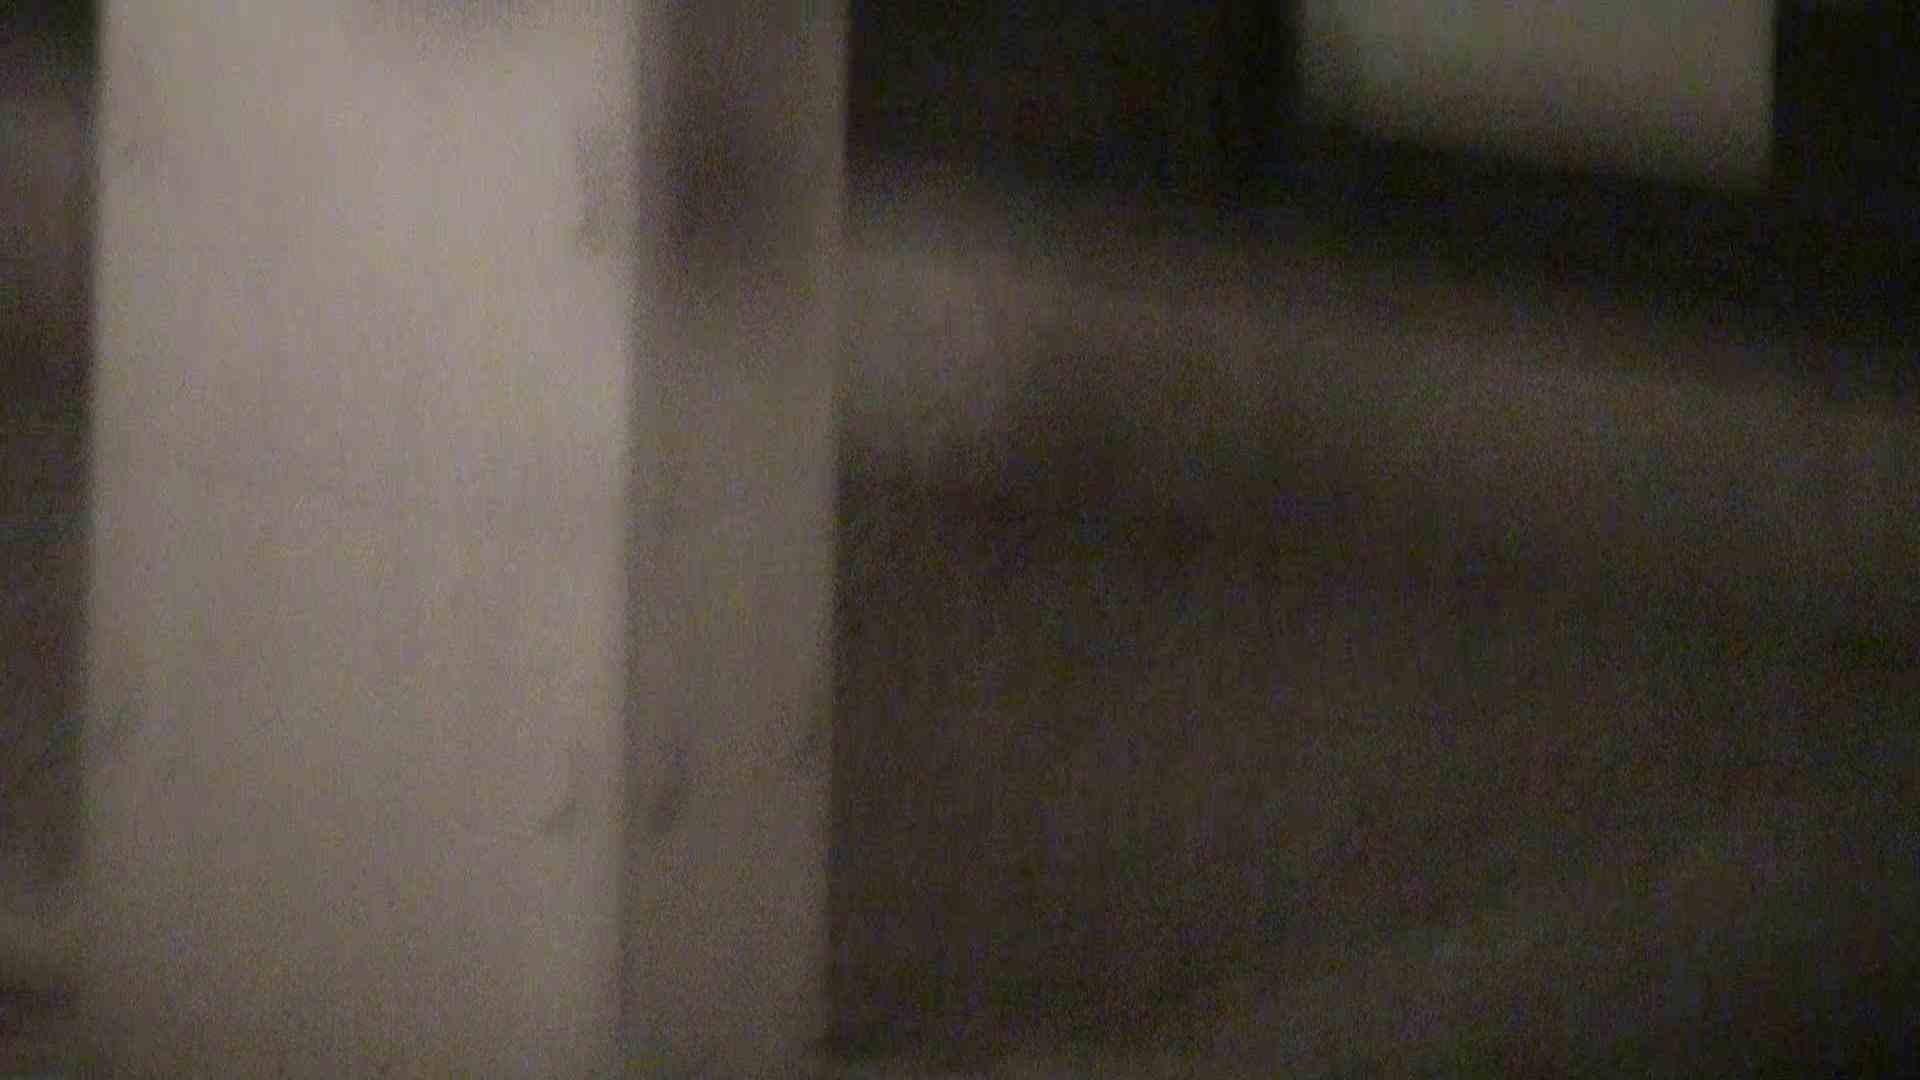 Aquaな露天風呂Vol.426 露天  106画像 9